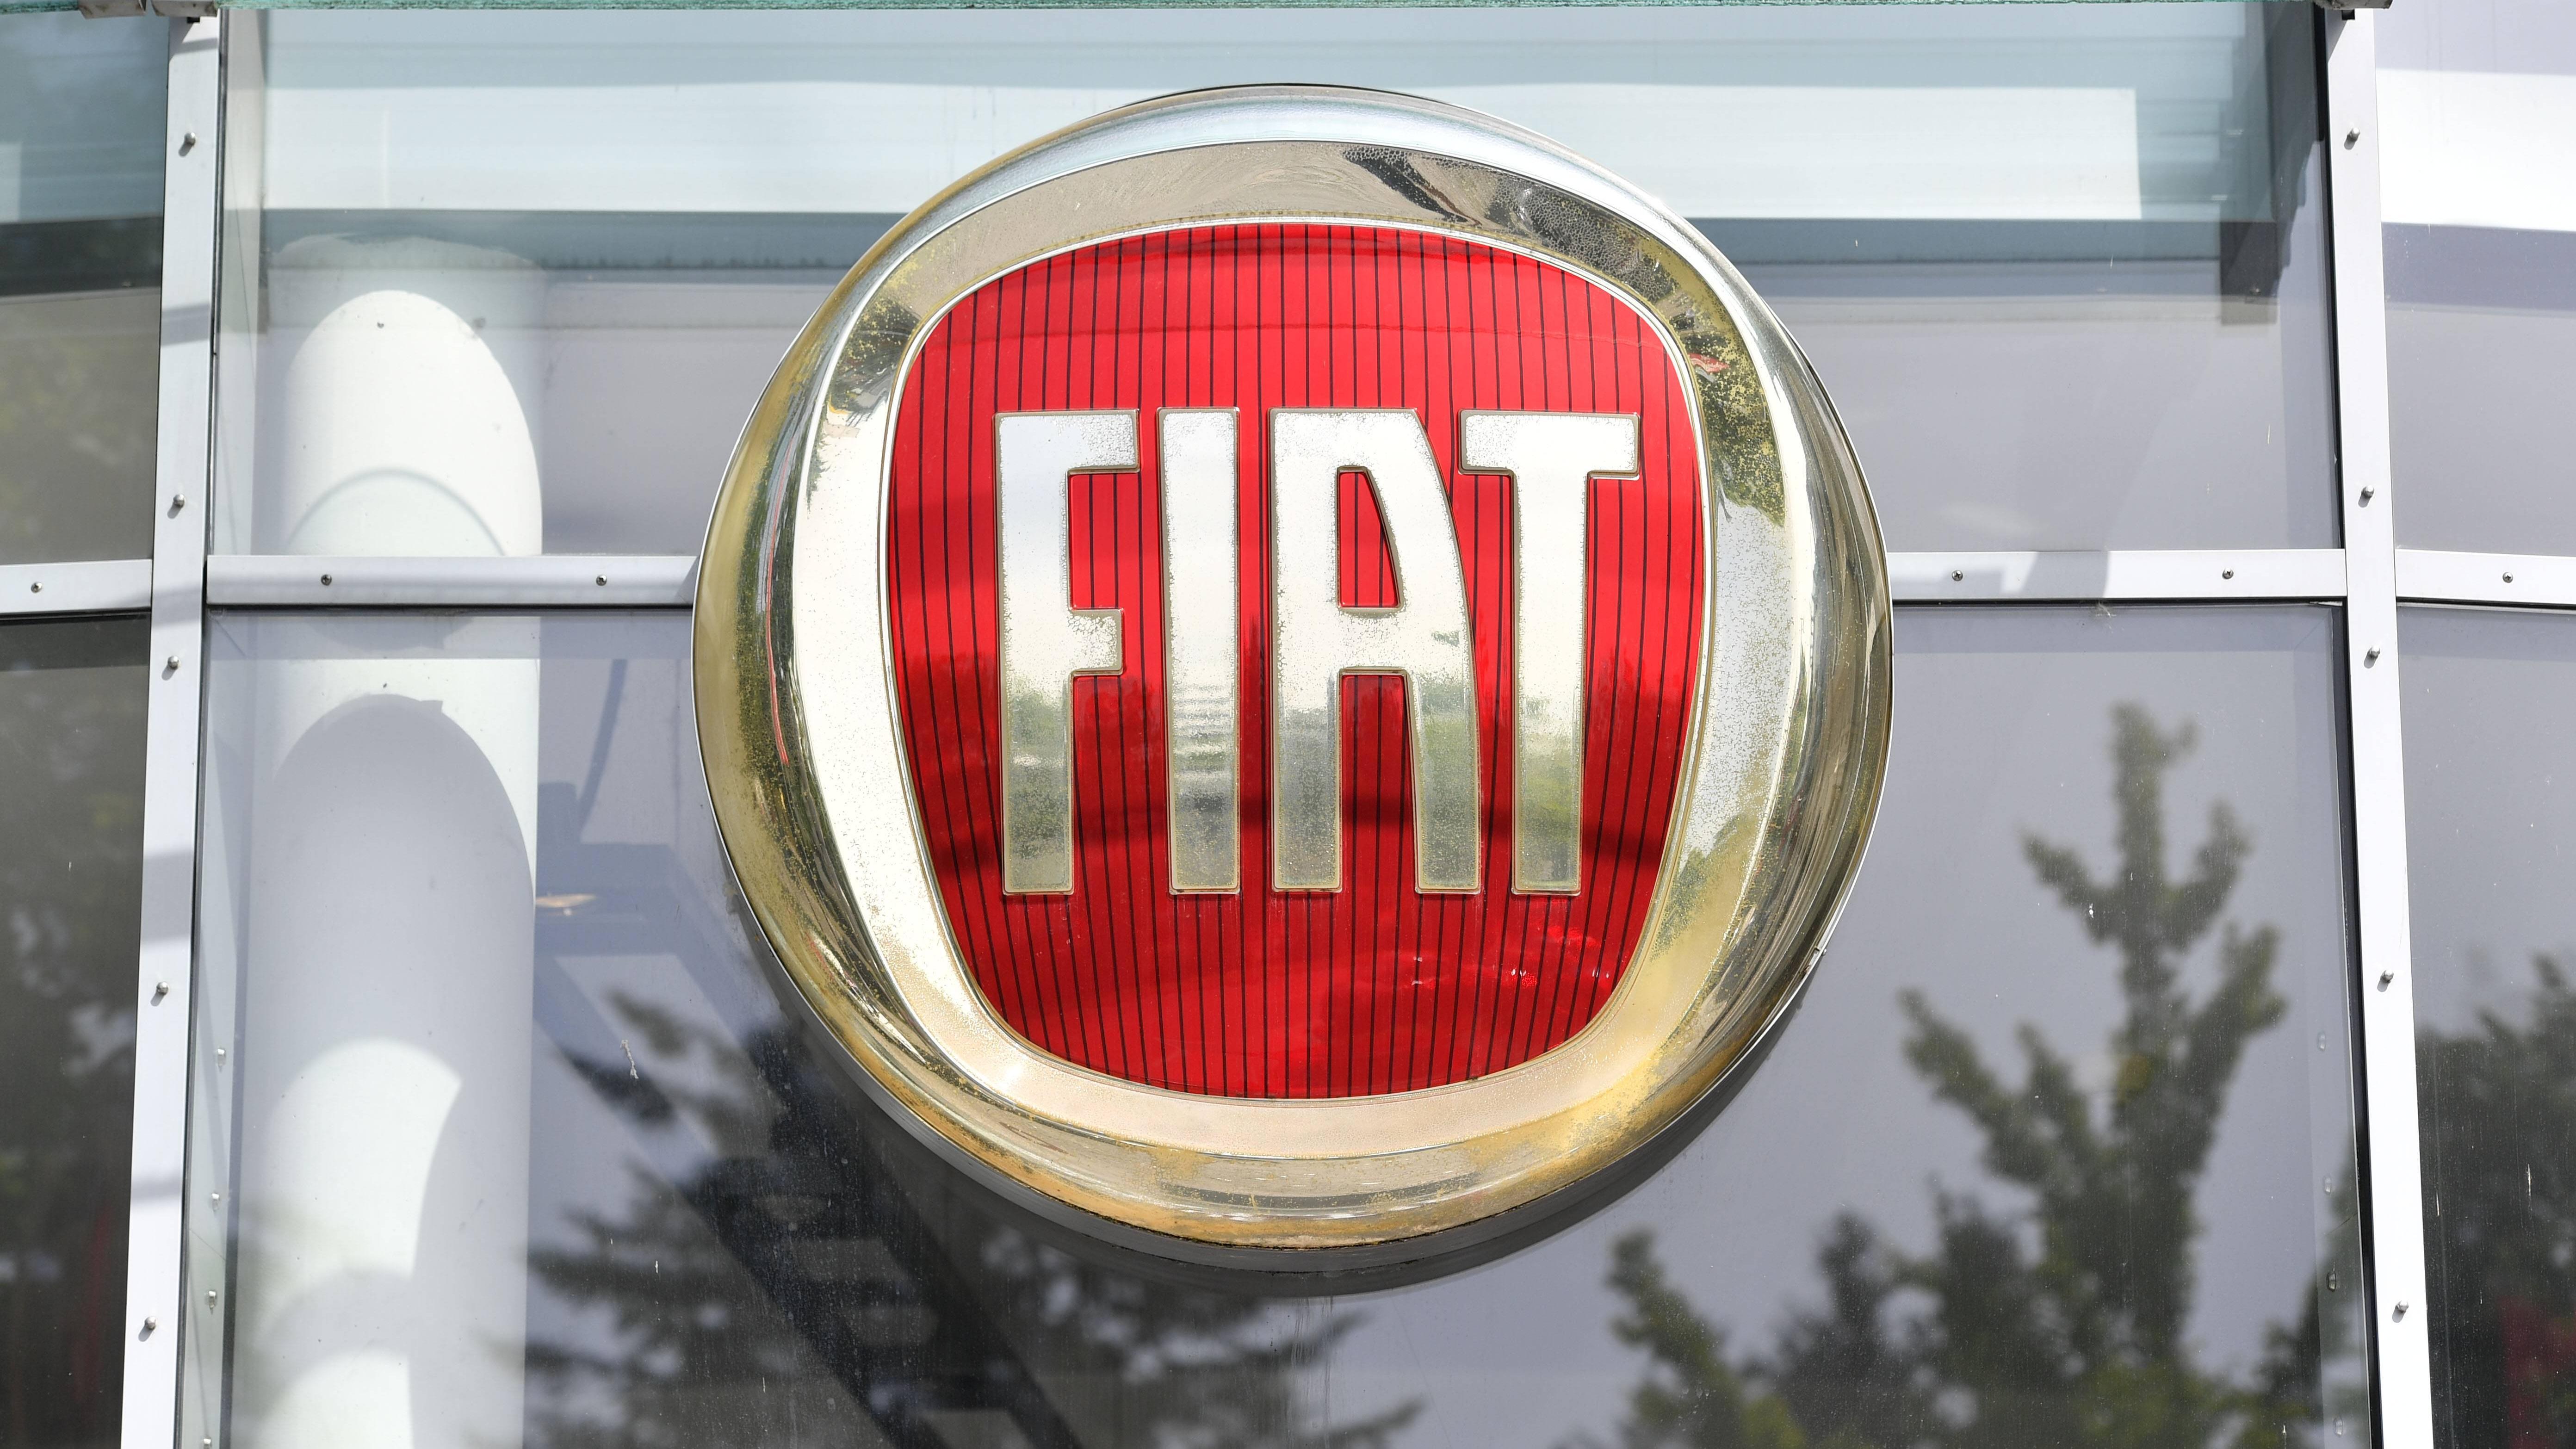 FIAT: Das bedeutet die Abkürzung der Automarke